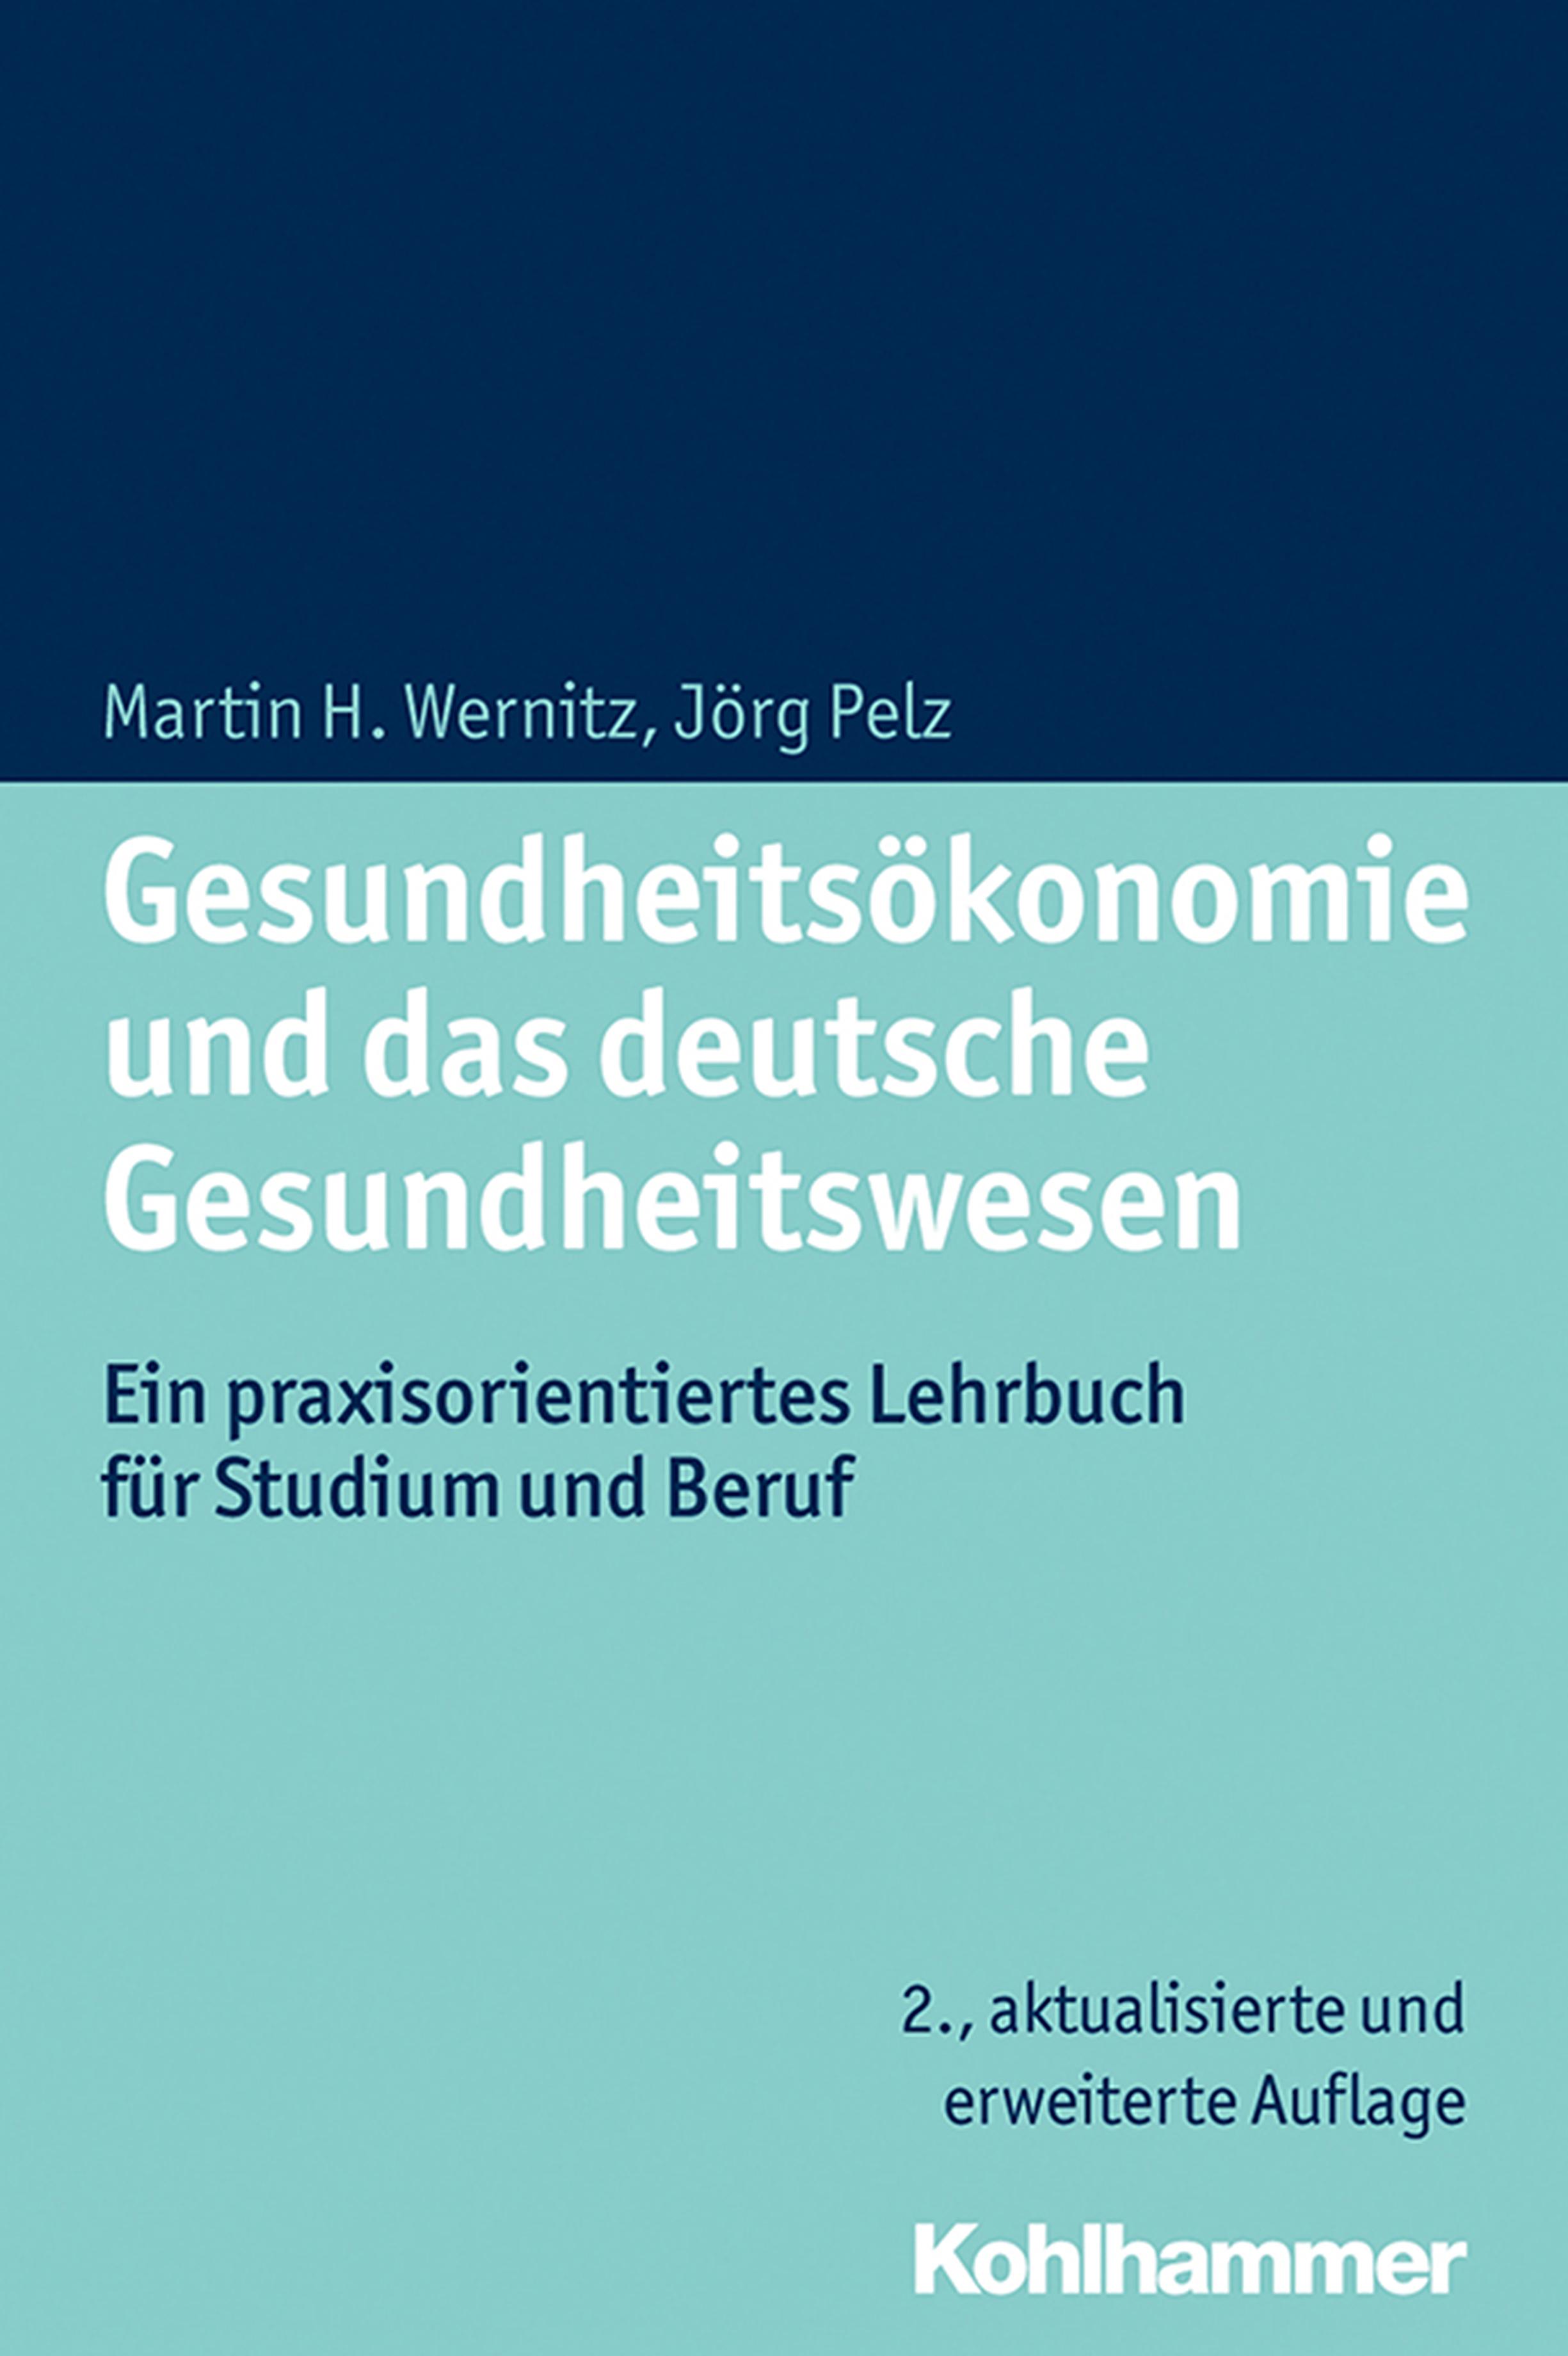 Martin H. Wernitz Gesundheitsökonomie und das deutsche Gesundheitswesen